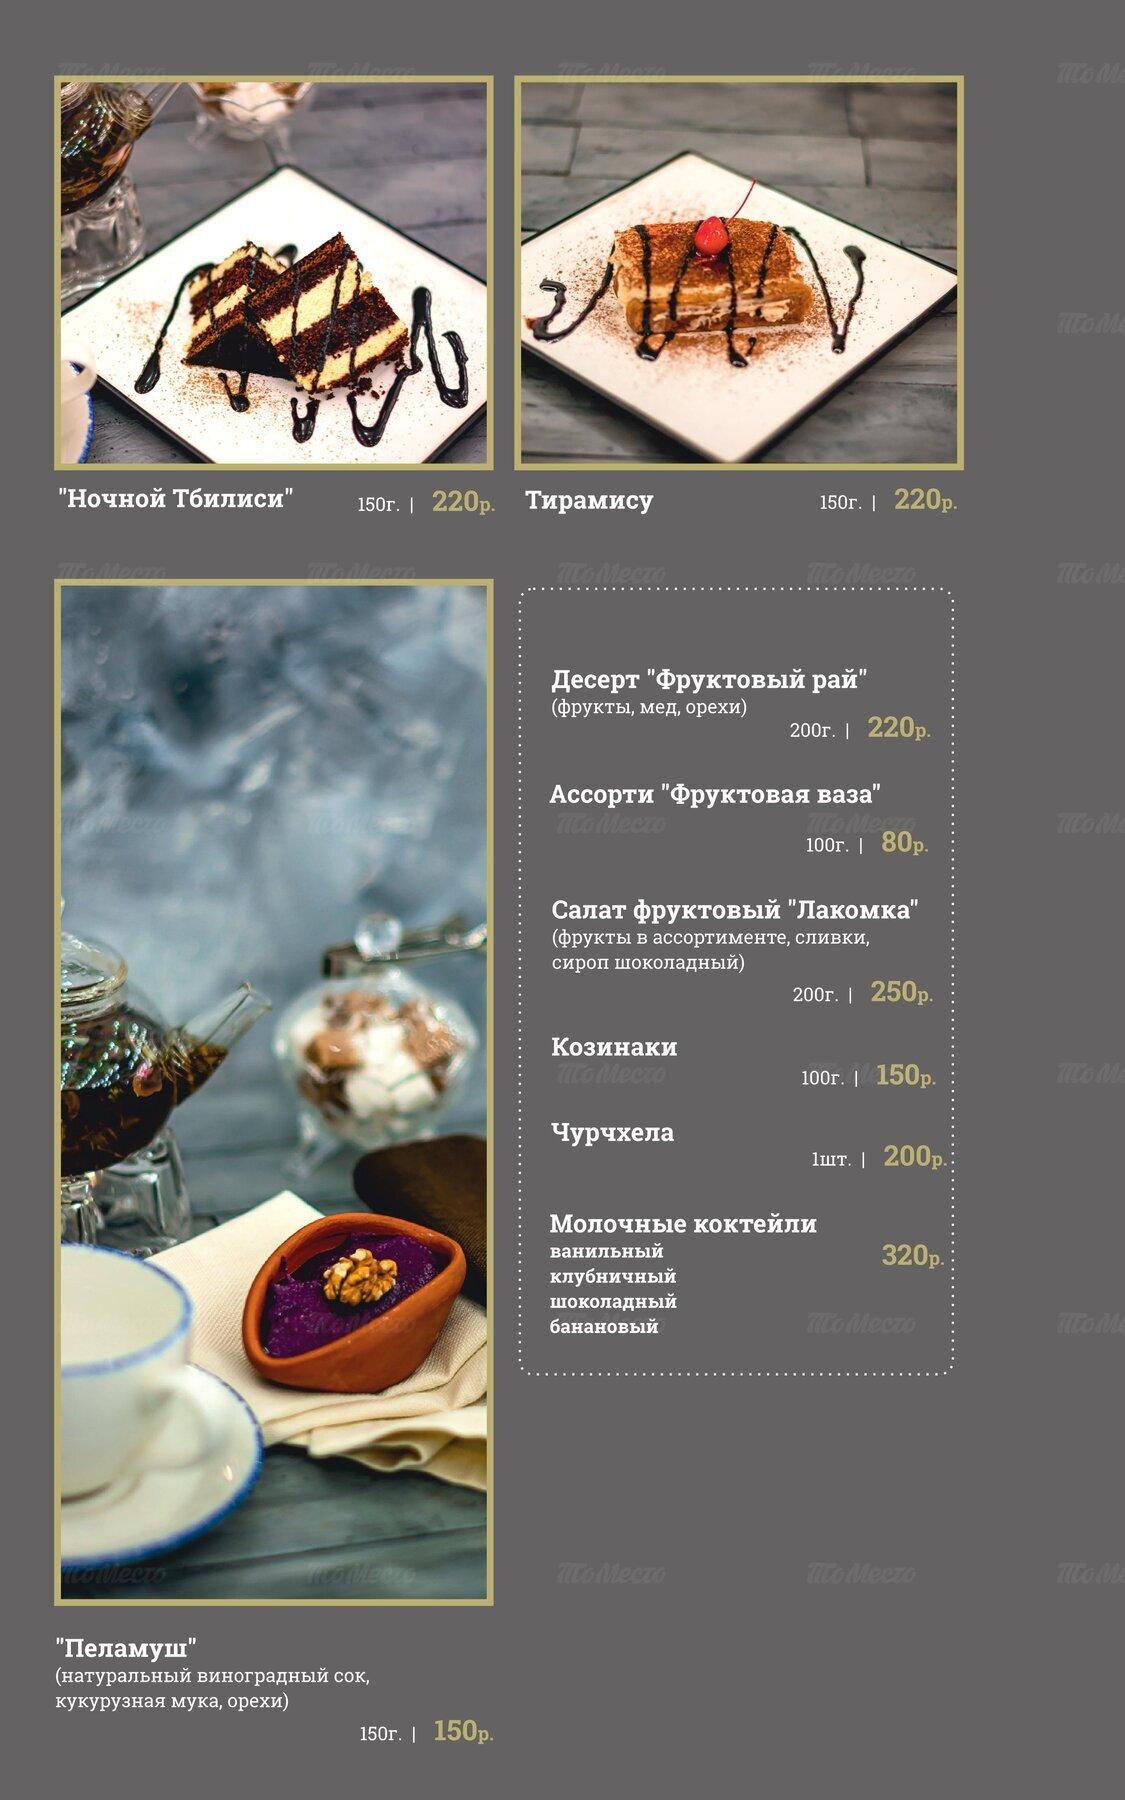 Меню ресторана Хванчкара на улице Селезнёва фото 26